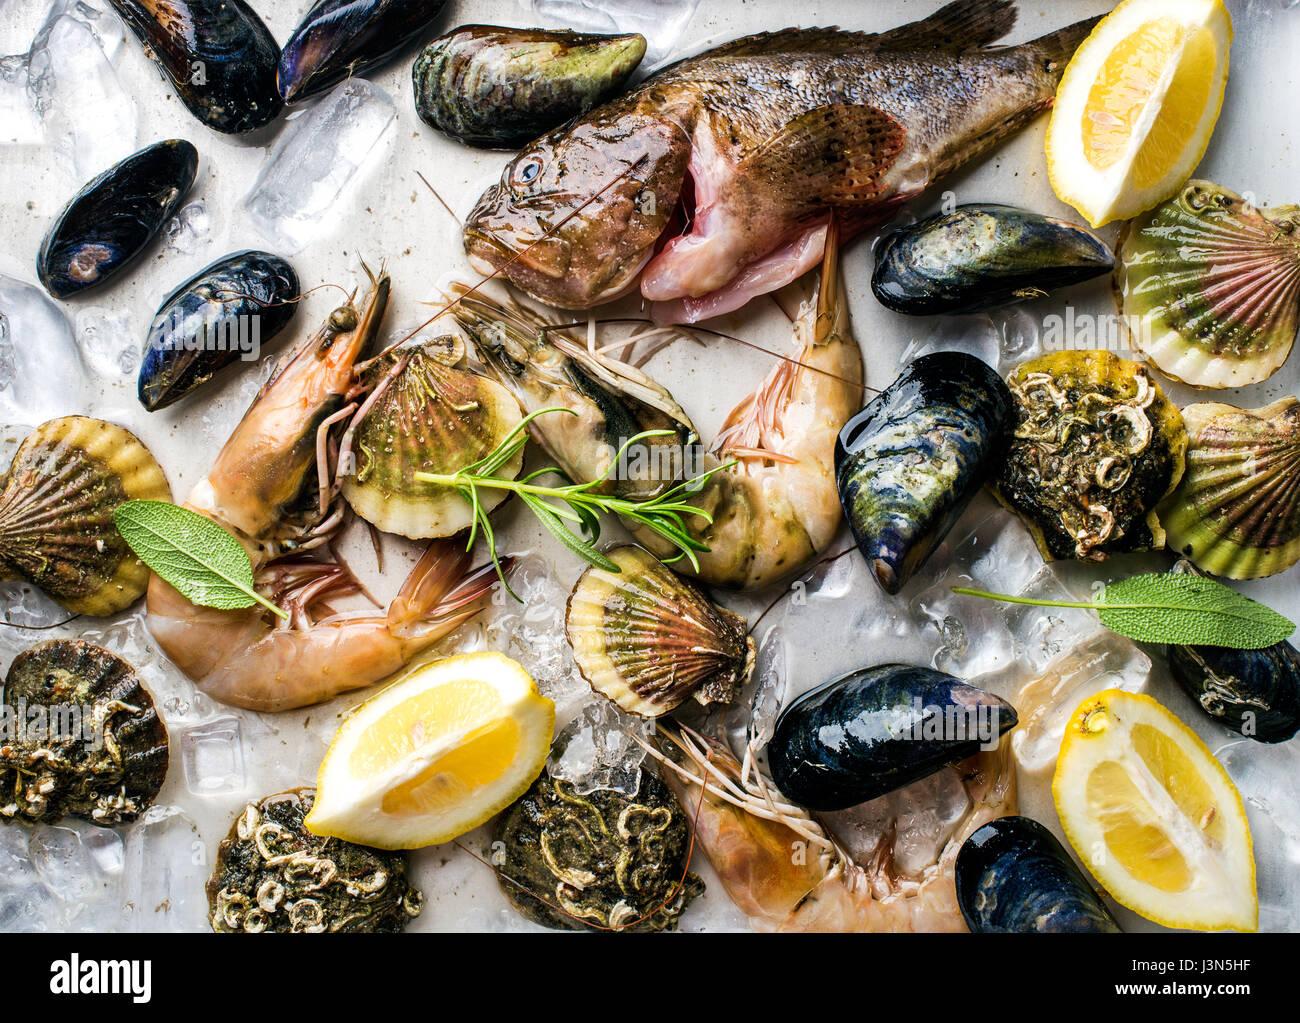 Des fruits de mer aux herbes et citron sur la glace. Crevettes, poissons, moules, pétoncles sur le plateau Photo Stock